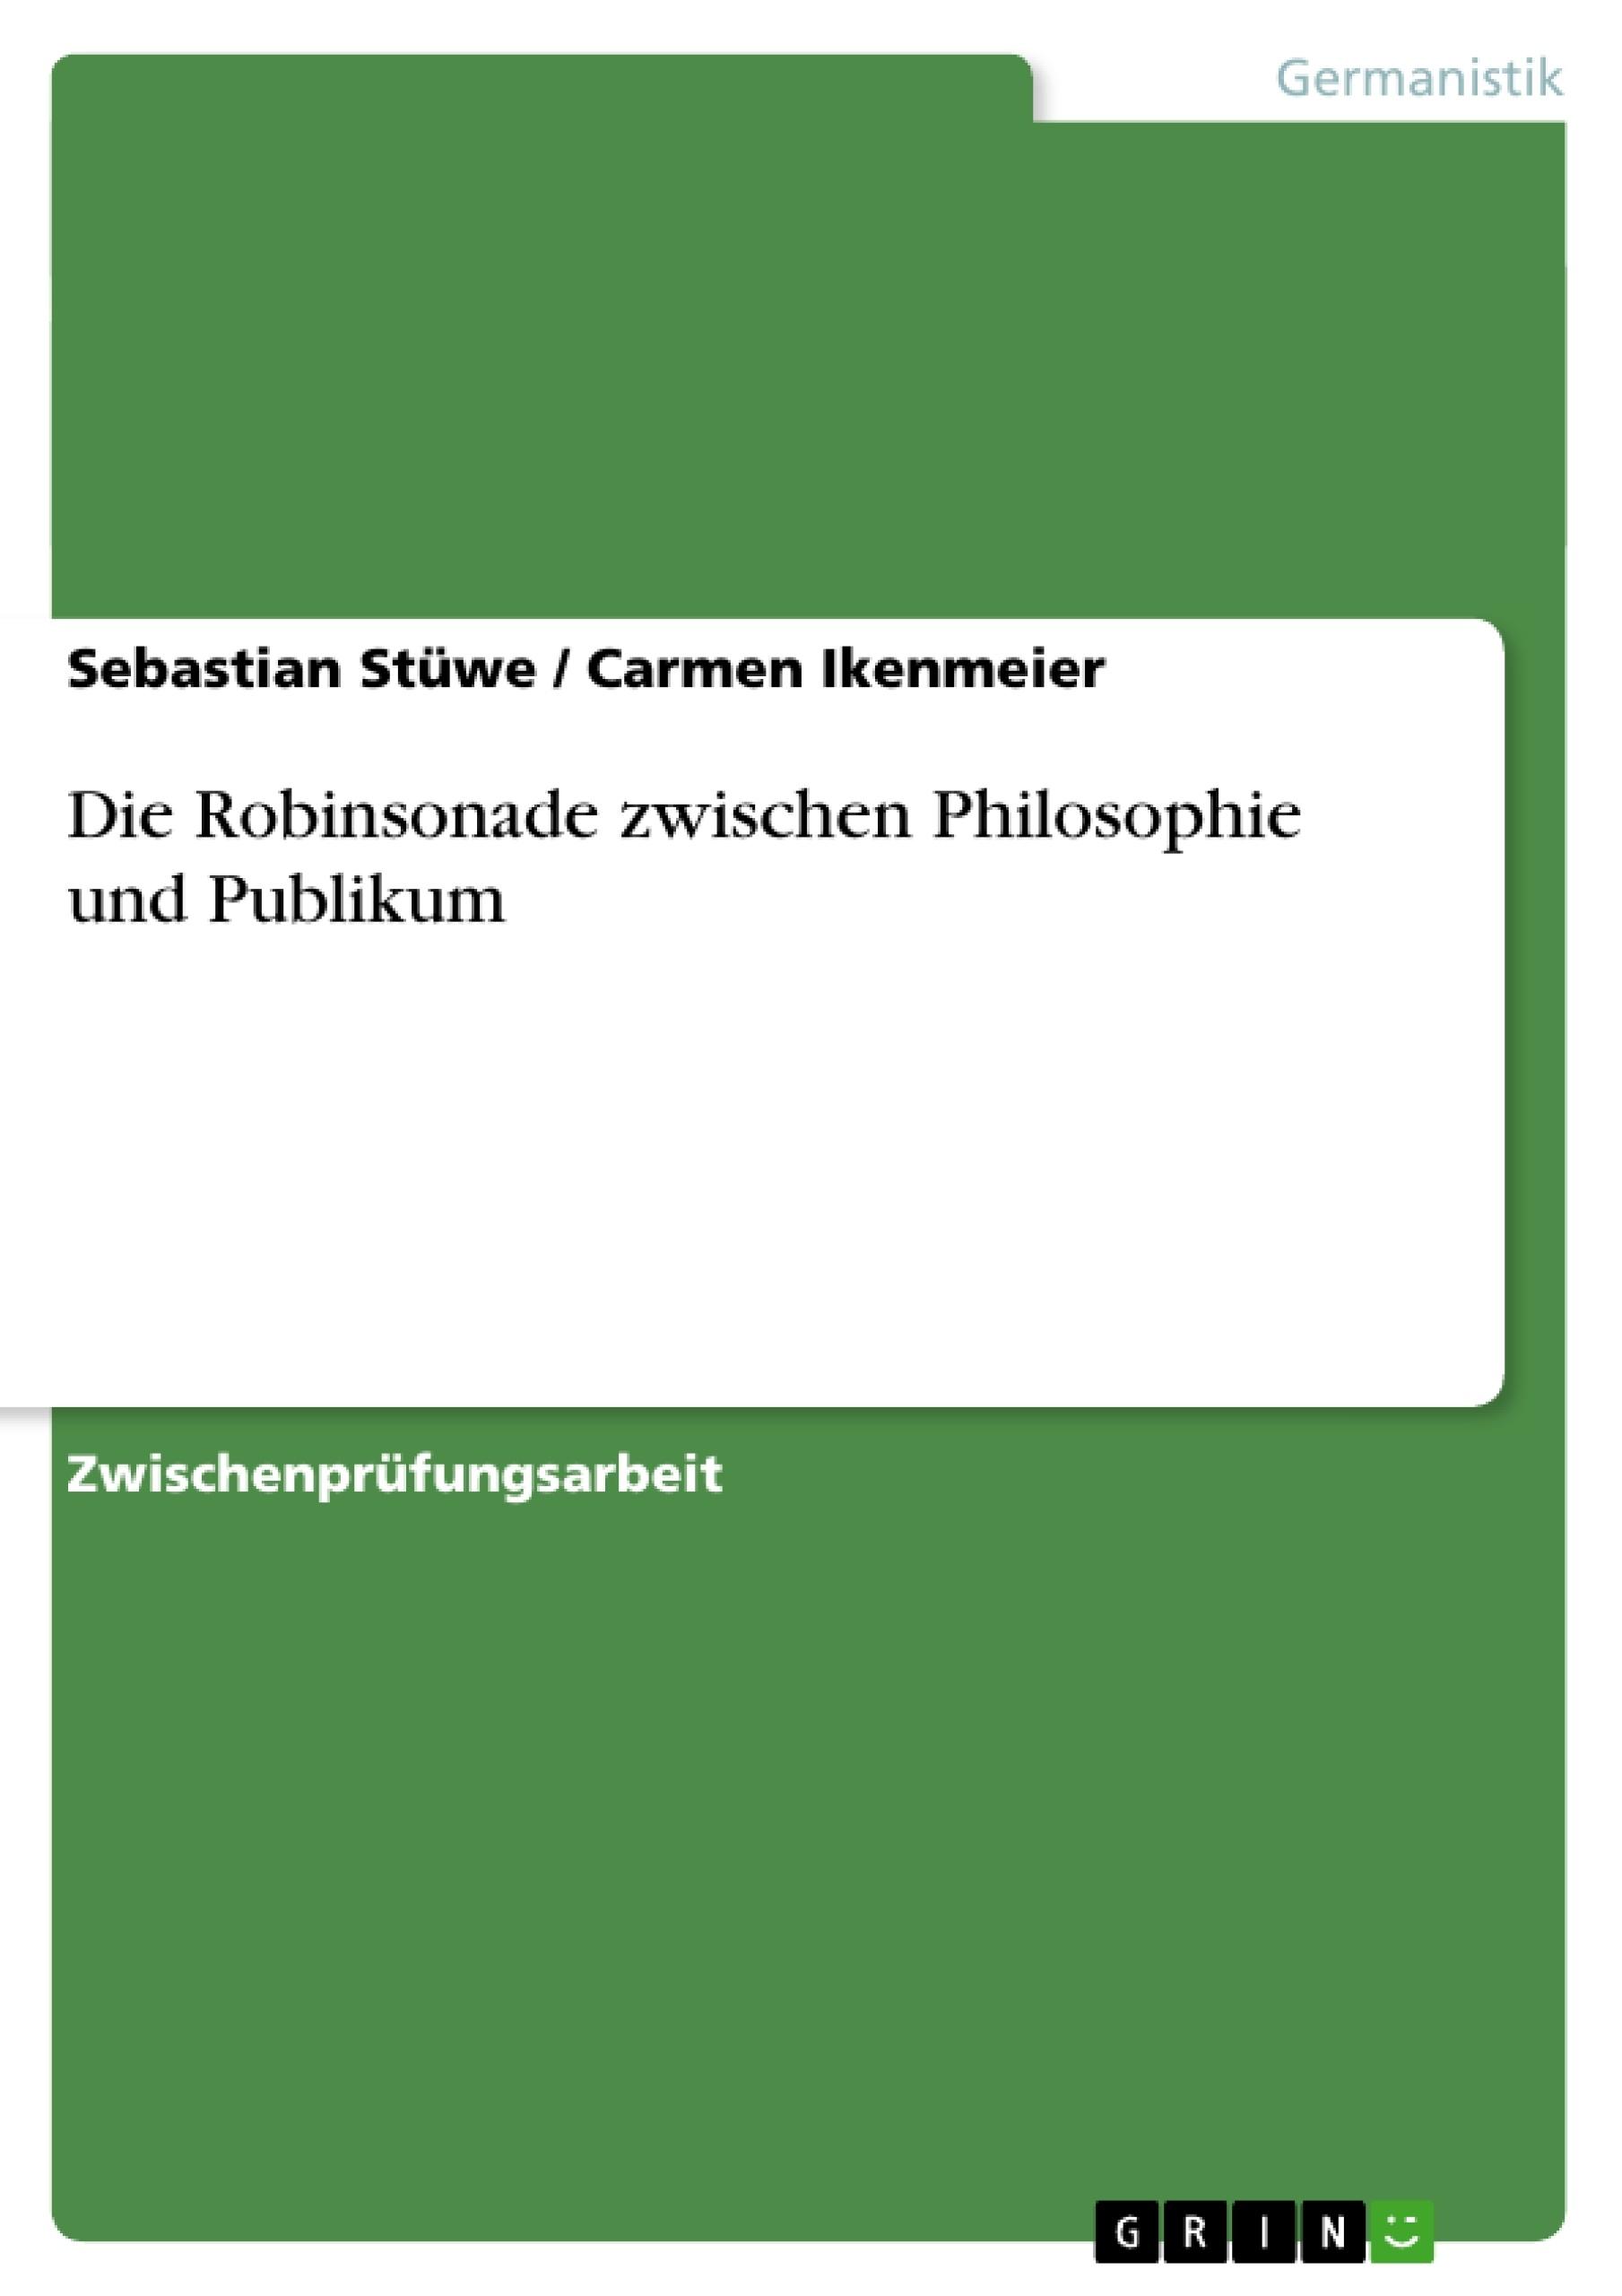 Titel: Die Robinsonade zwischen Philosophie und Publikum